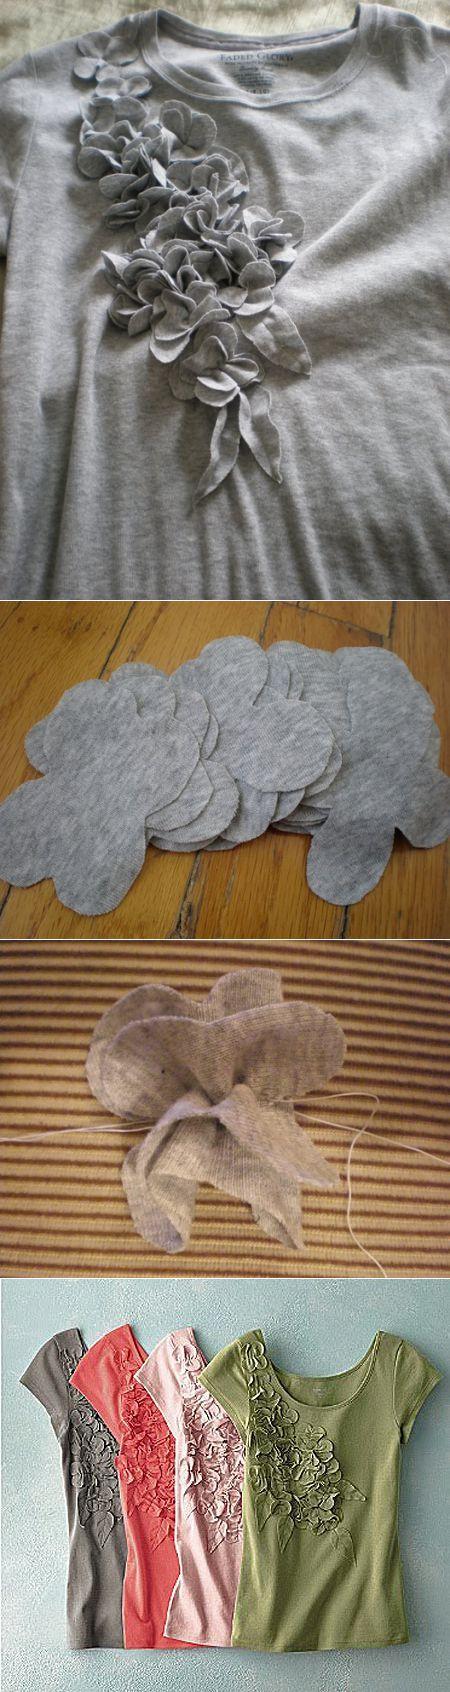 Украшаем трикотажную блузку своими руками. :) | шитье